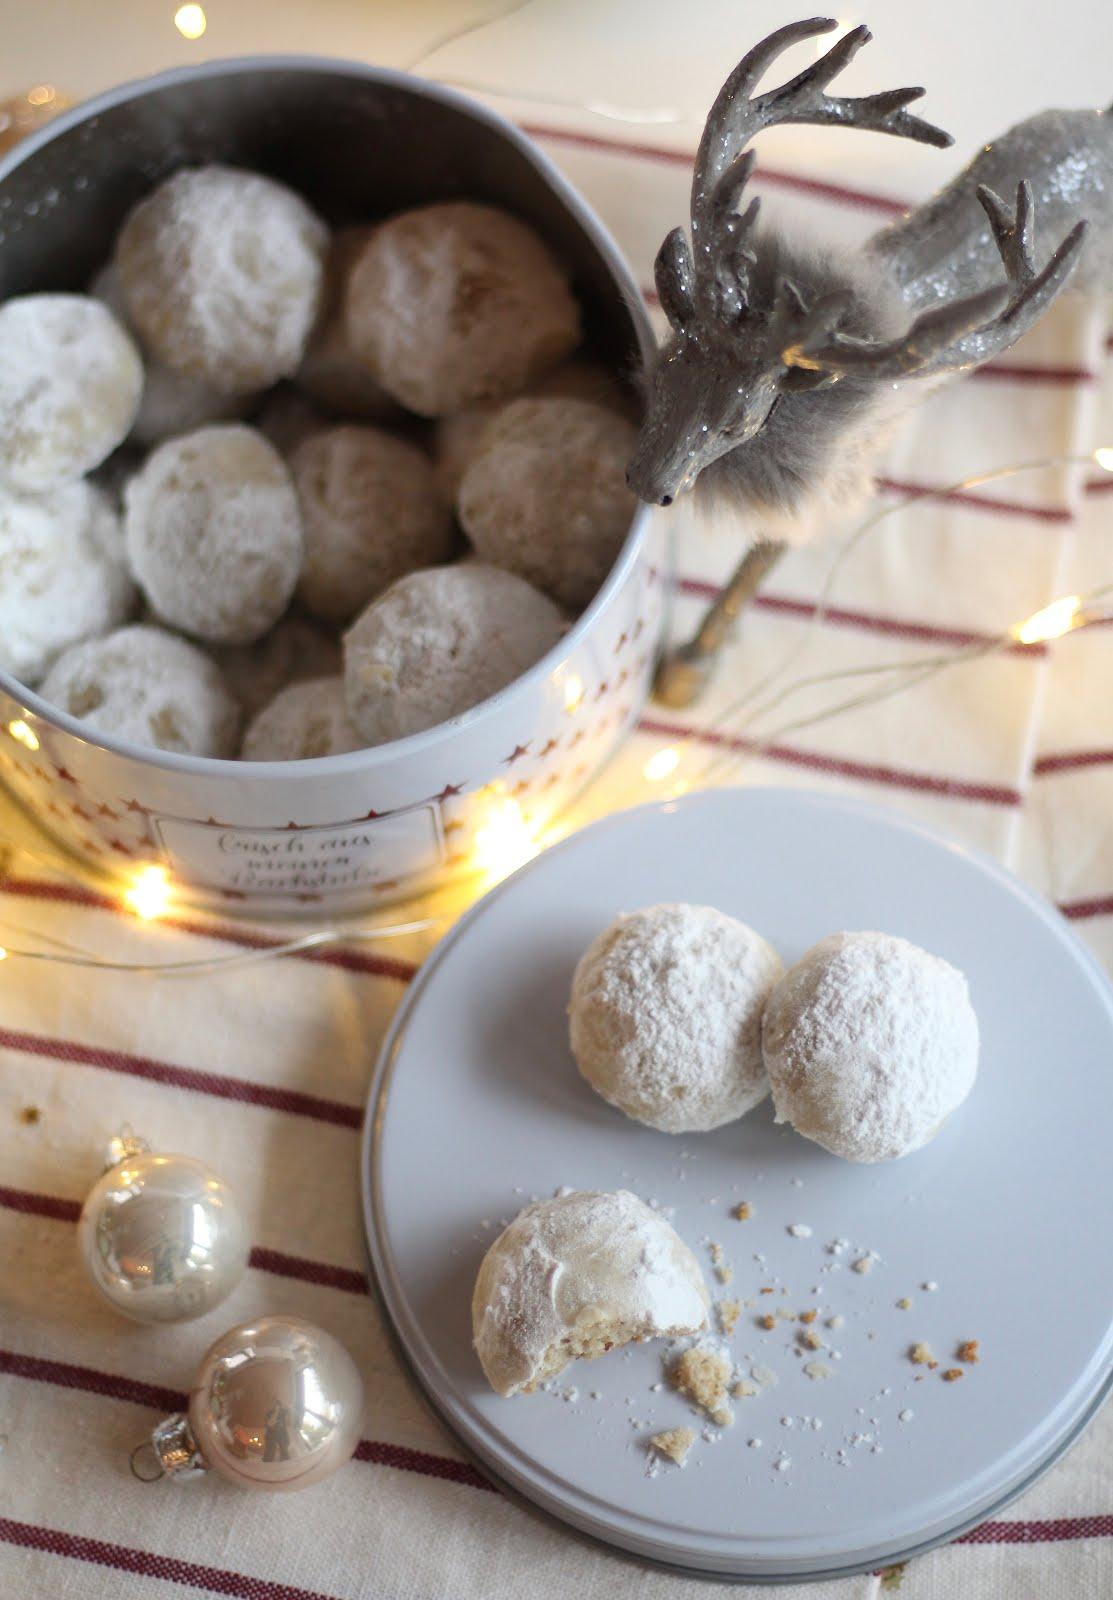 Pekan Butter Kugeln/ Pecan Butter Balls - Rezept von Sugarprincess | SCCC 2019: Türchen Nr. 12 | Gewinnspiel